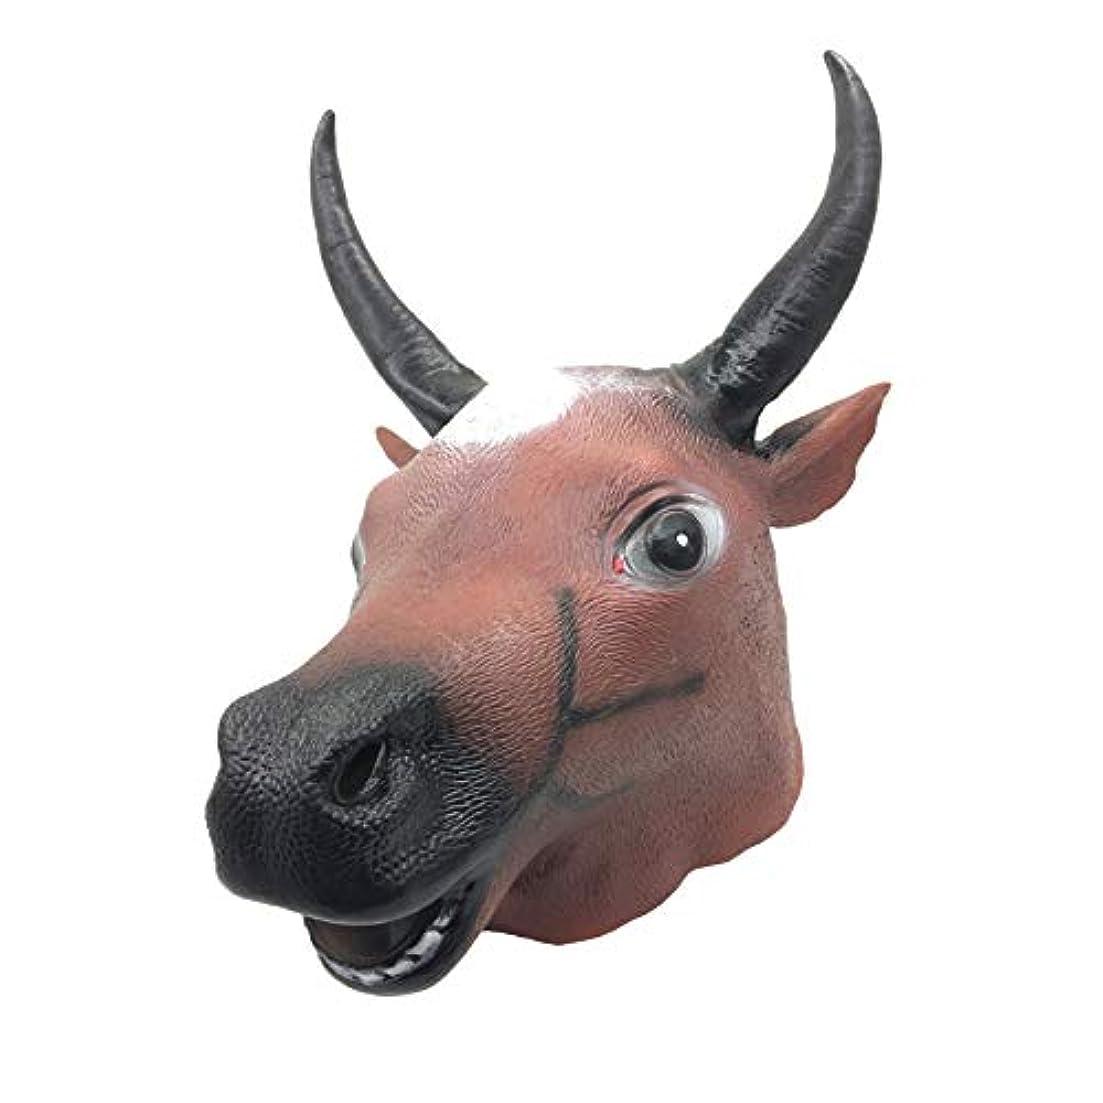 タンザニアテスピアン等価ハロウィーンパフォーマンスショー小道具マスク動物ヘッドカバー牛頭馬顔牛頭マスク馬頭マスク